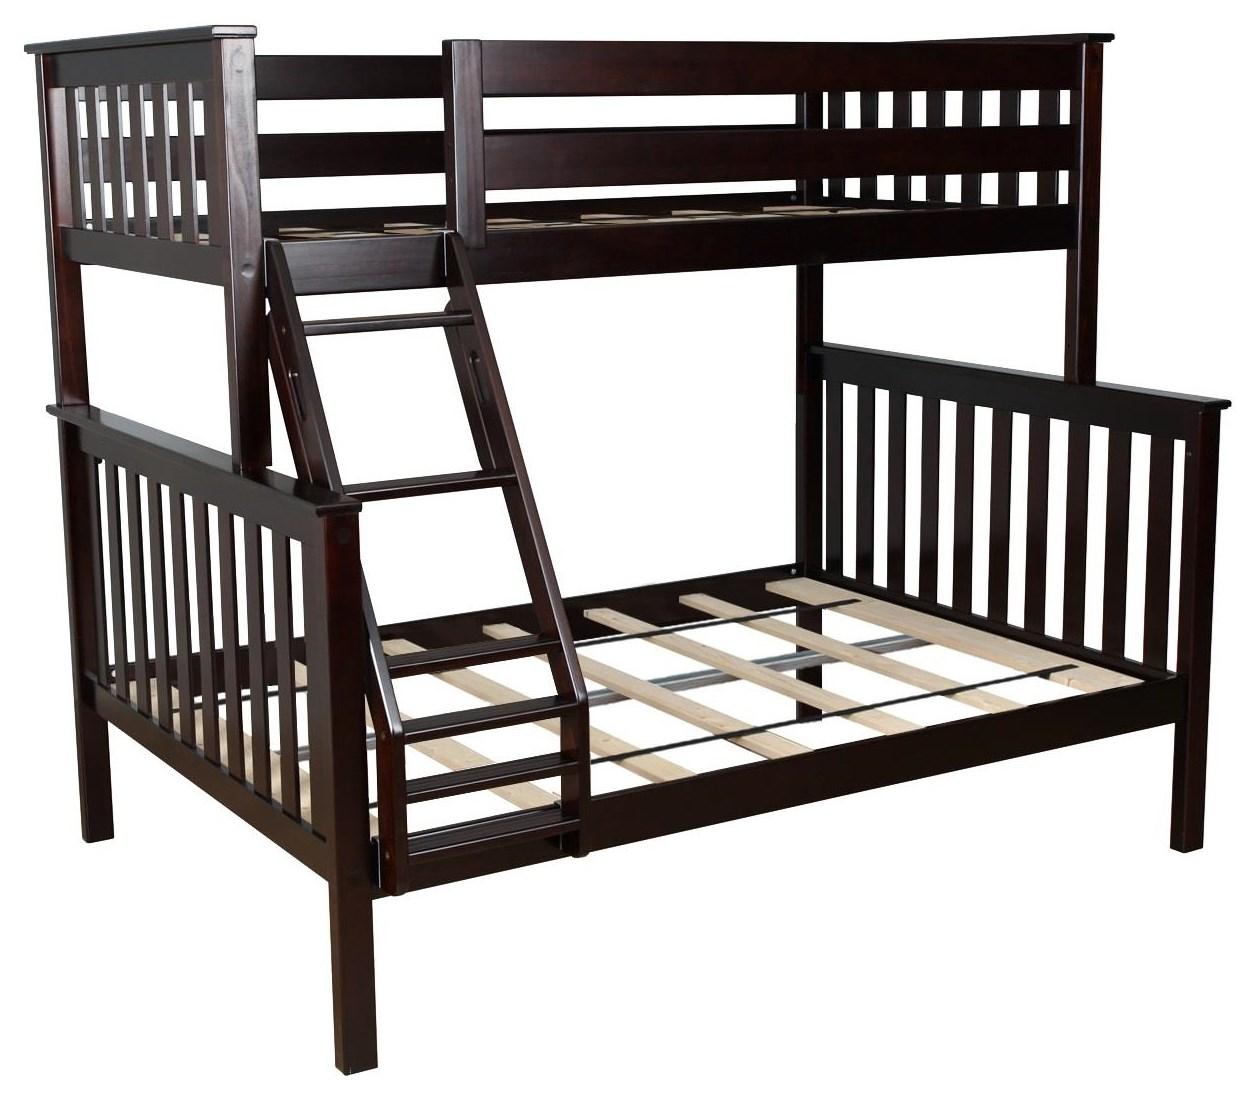 Wayside Furniture Kent By Maxwood Kent Espresso Bunk Bed Wayside Furniture Bunk Beds